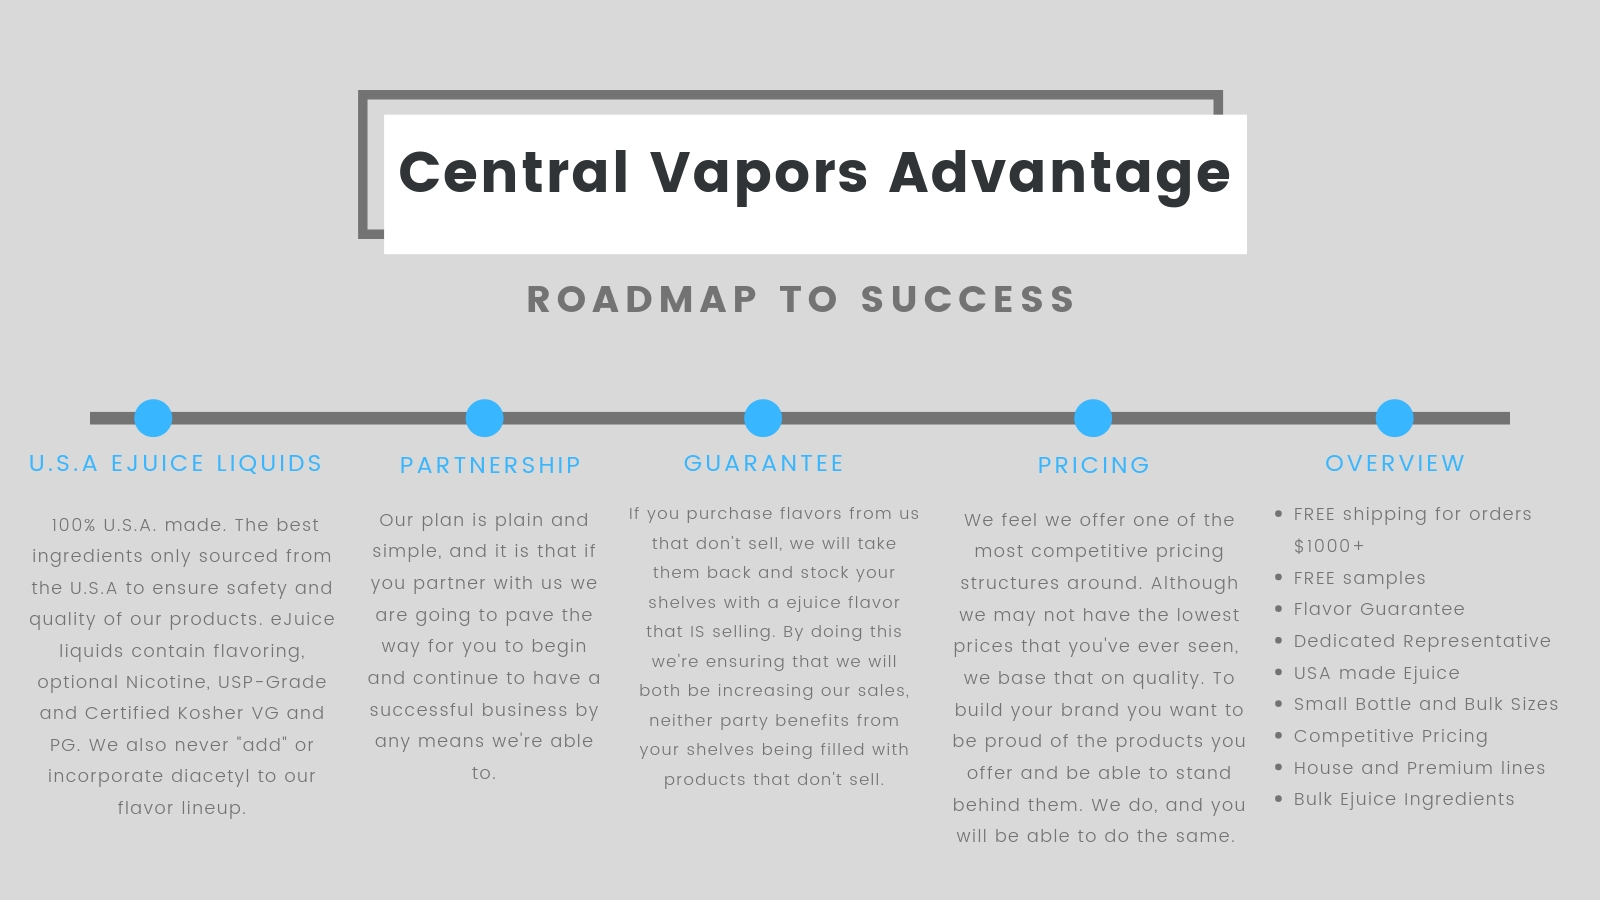 Central Vapors Advantage